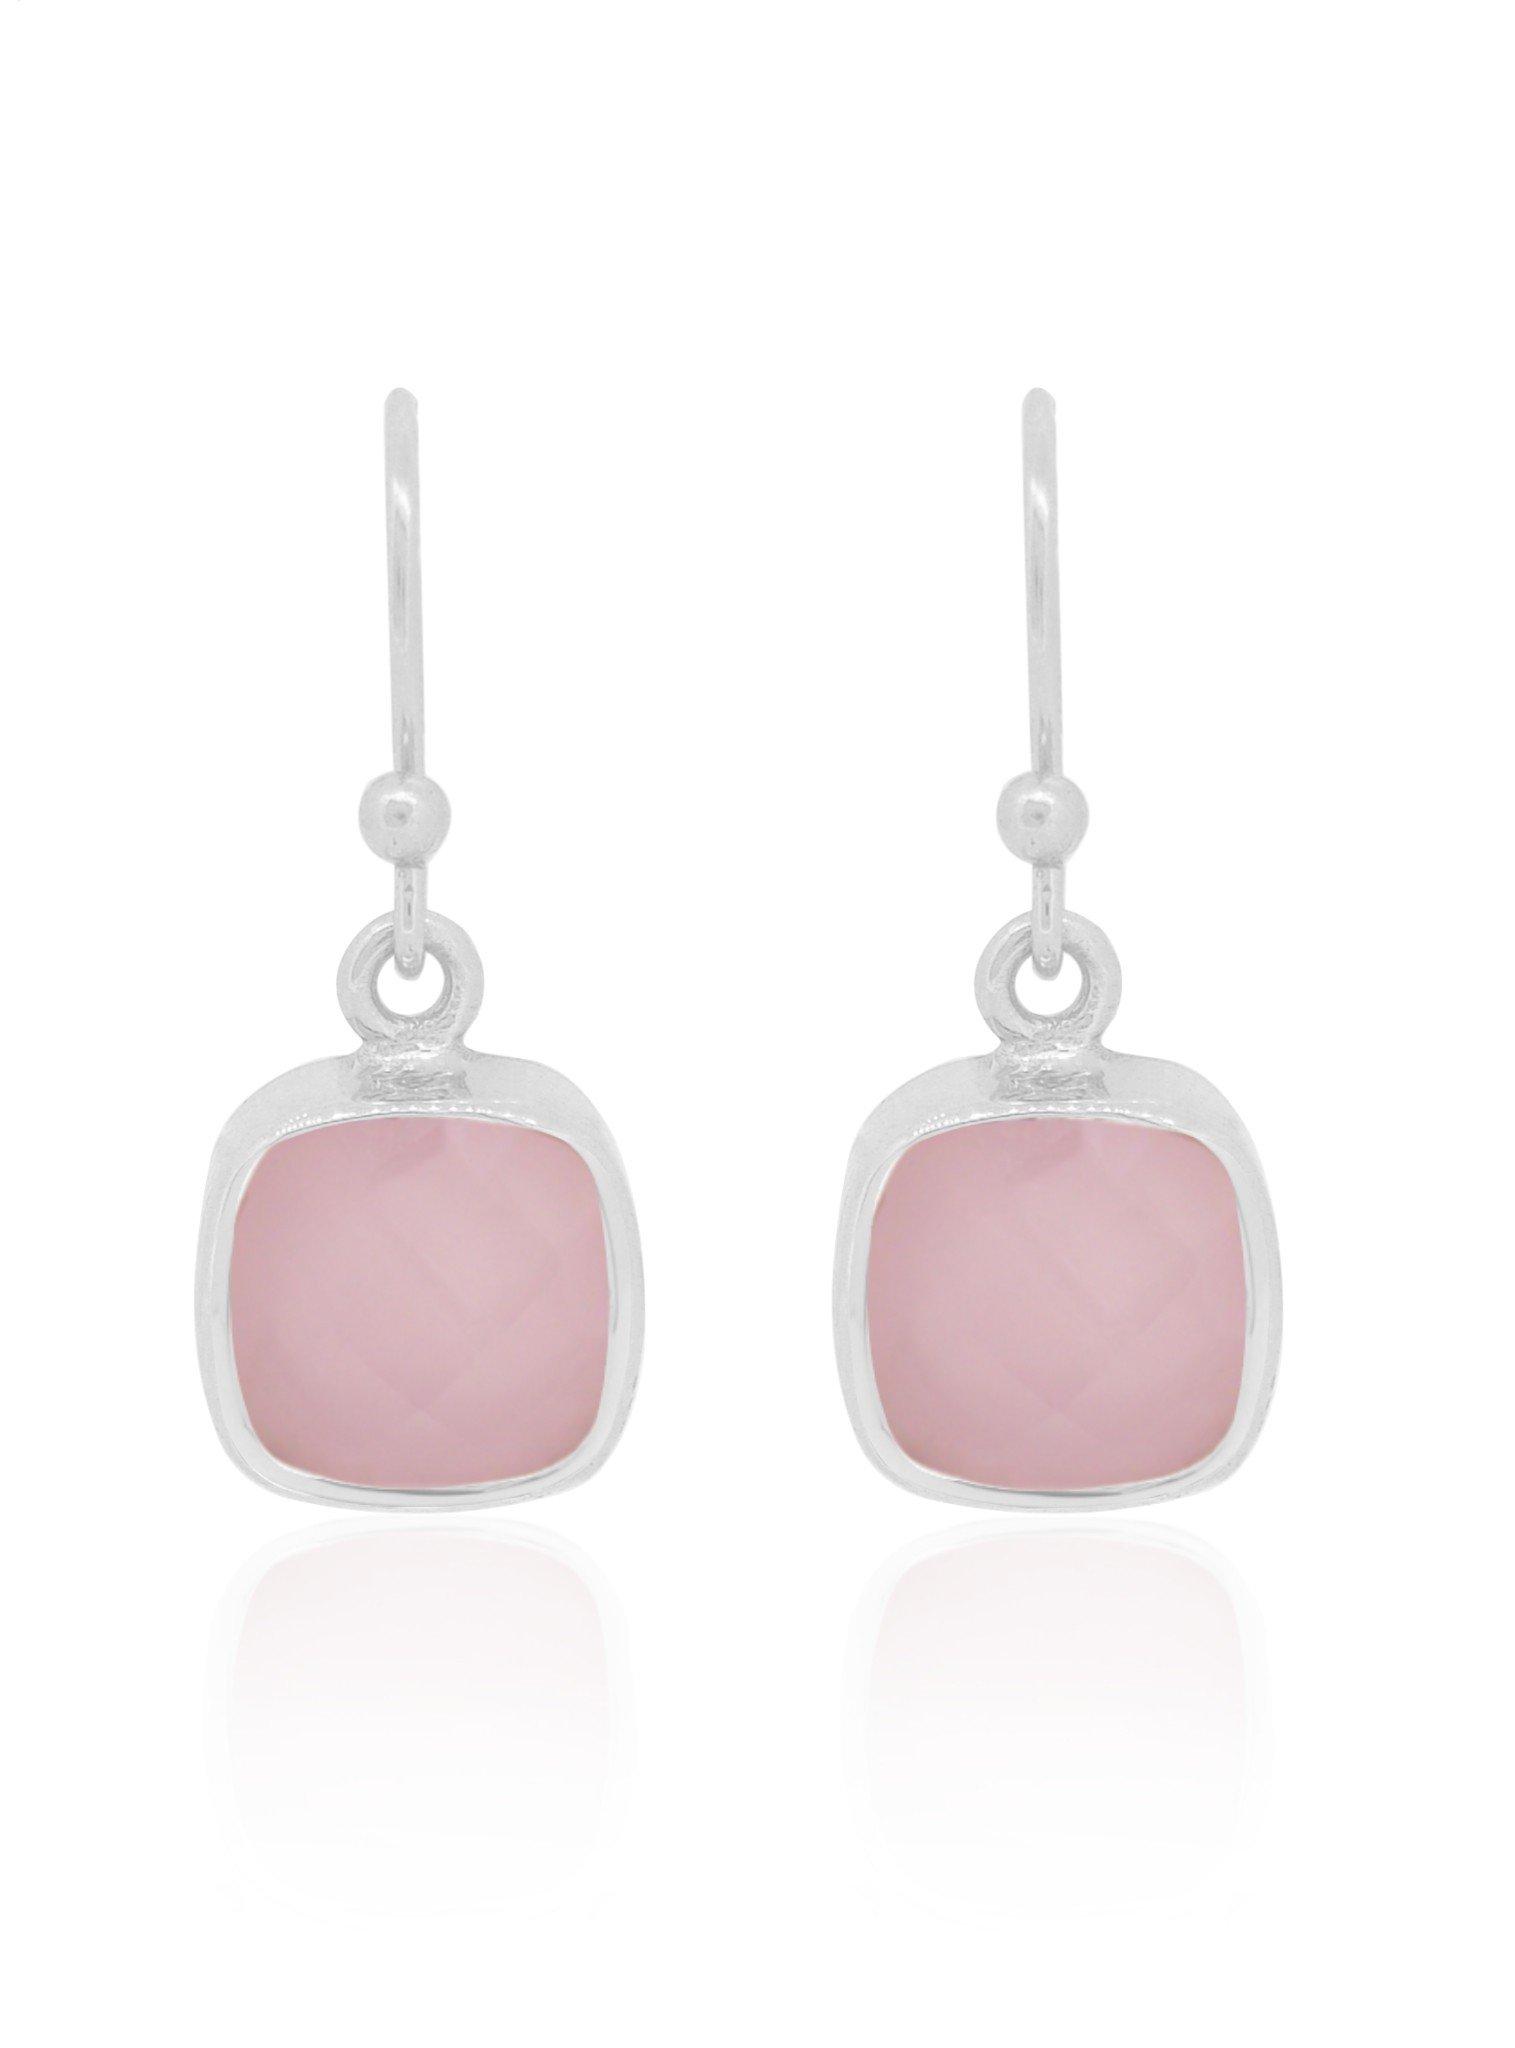 Indie Rose Quartz Gemstone Earrings in Silver